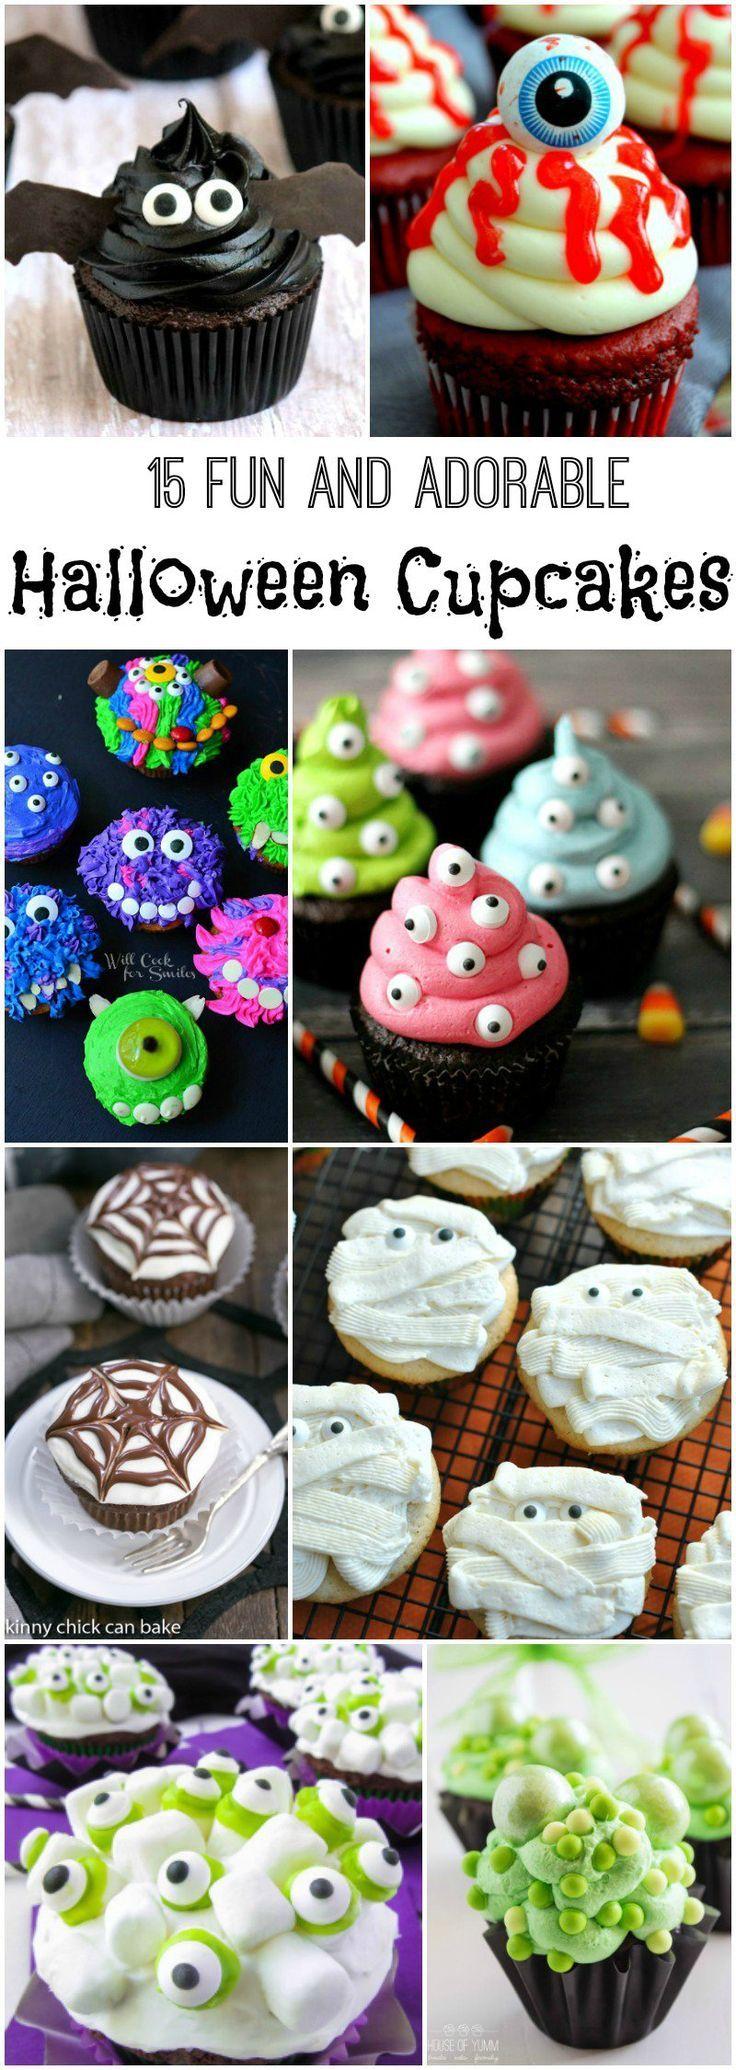 15 Fun and Adorable Halloween Cupcakes